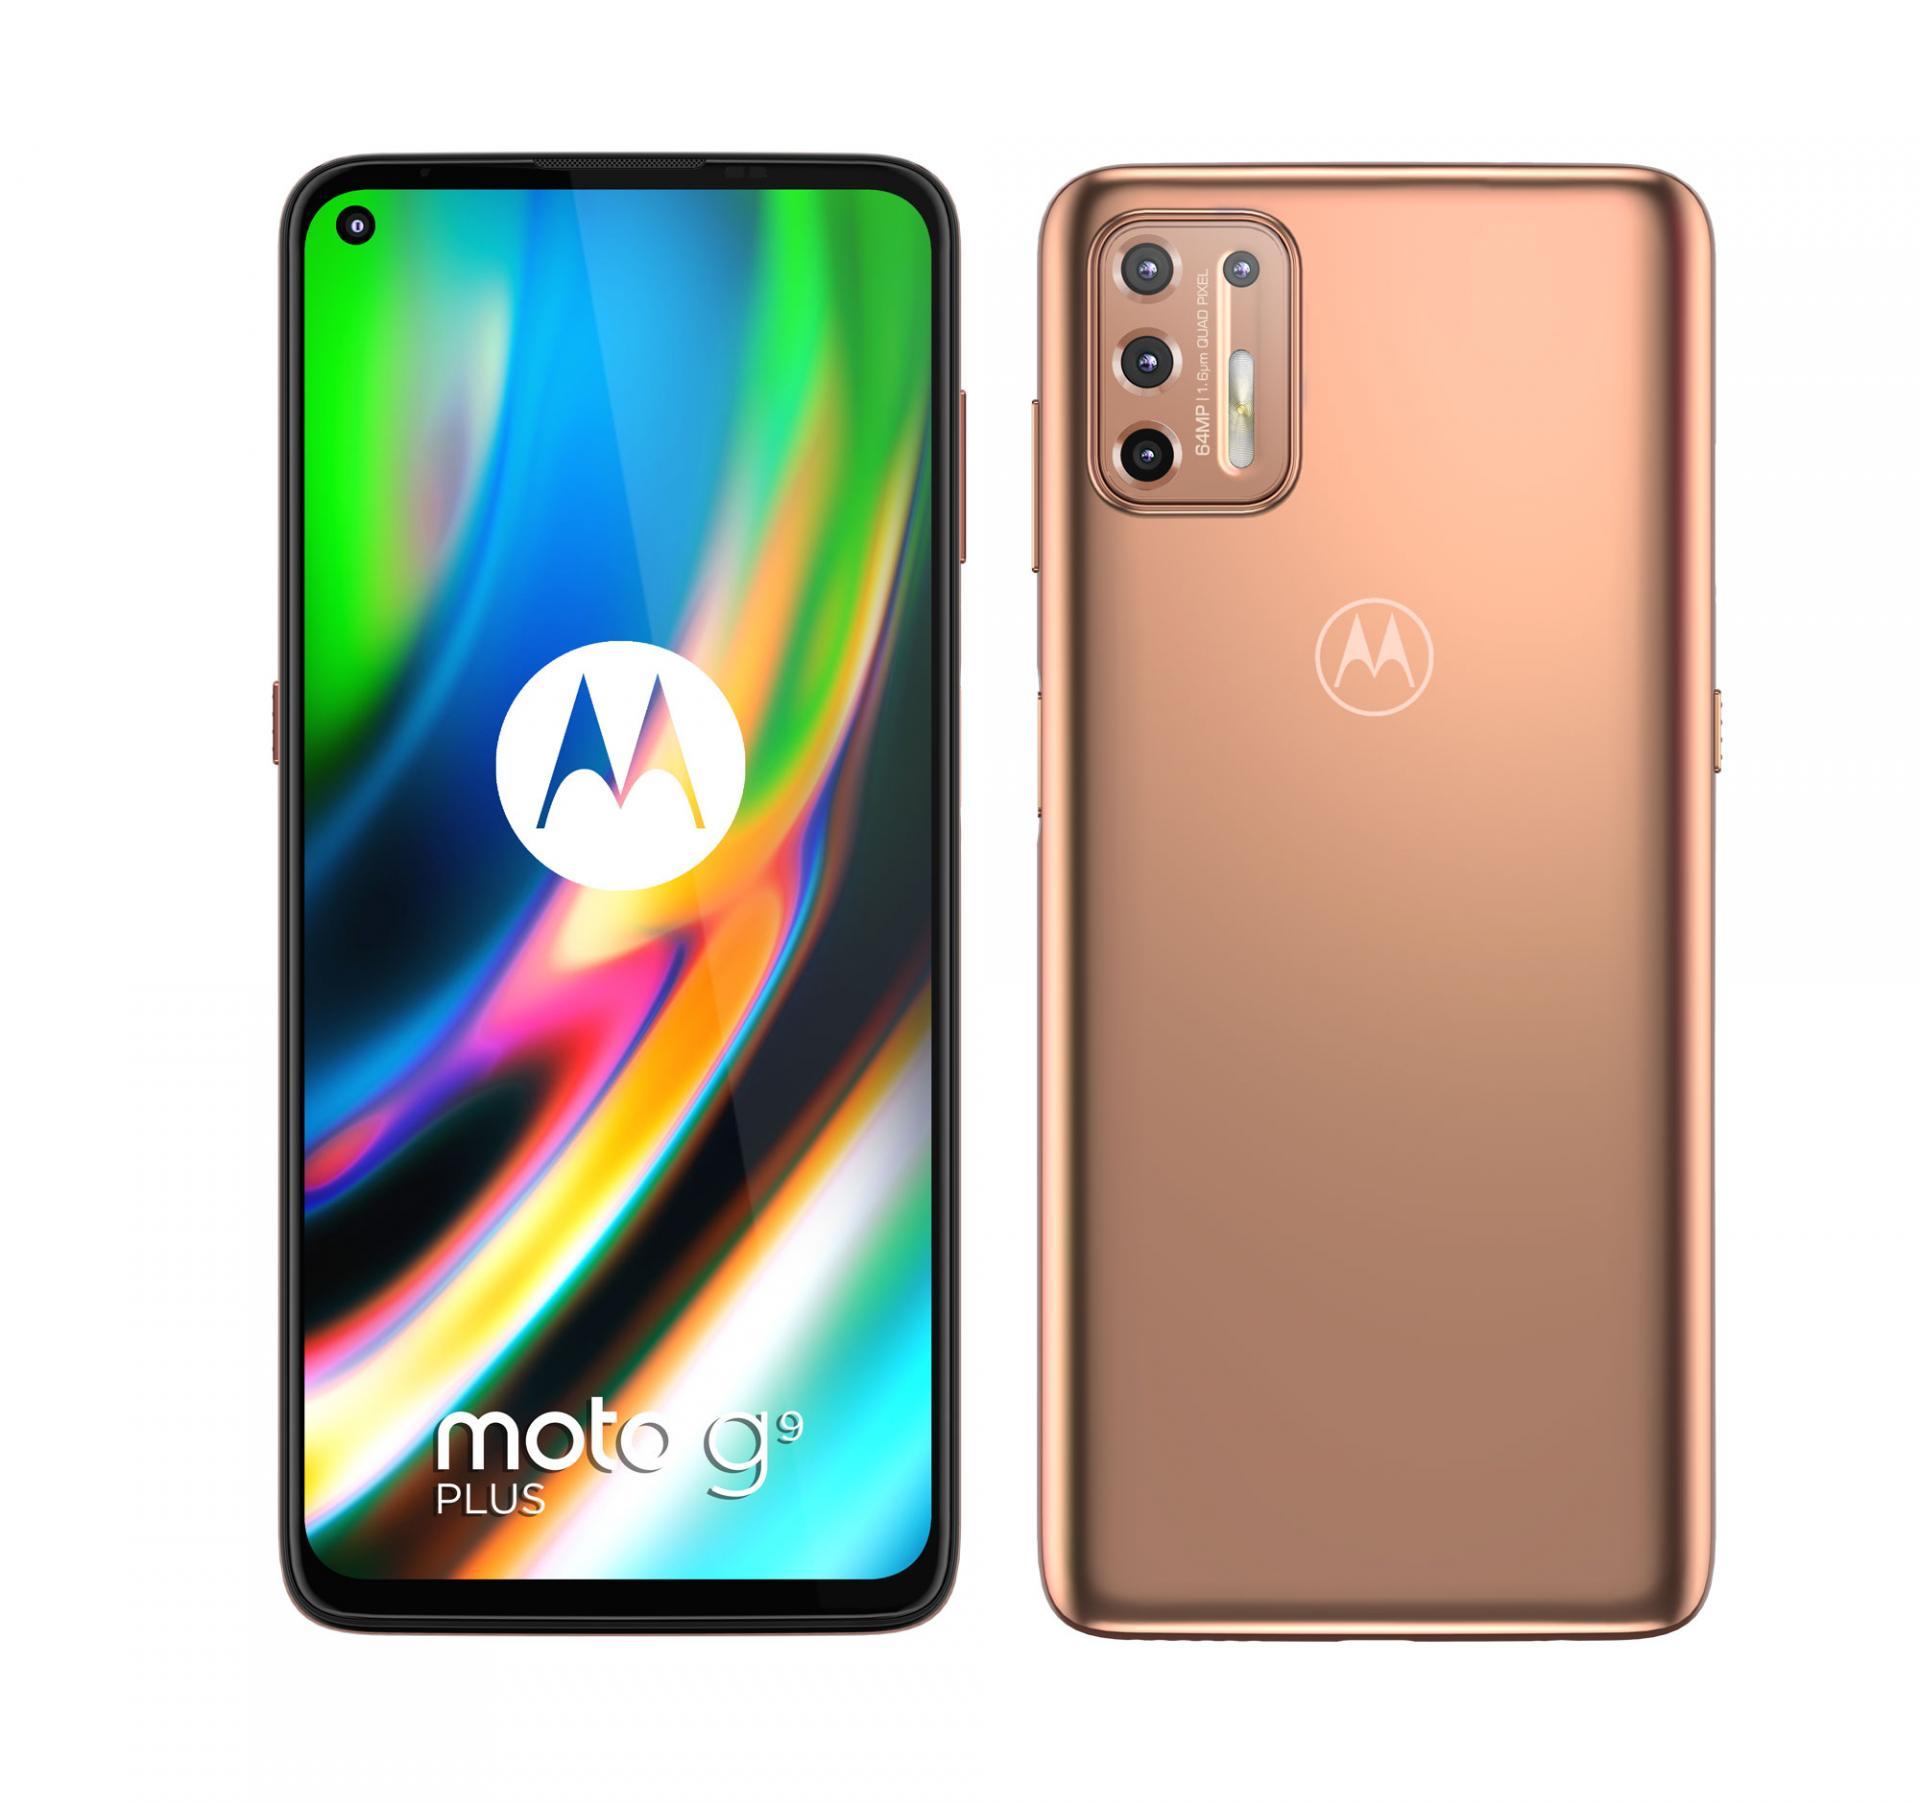 Motorola дополняет линейку Moto интереснойновинкой — G9 Plus